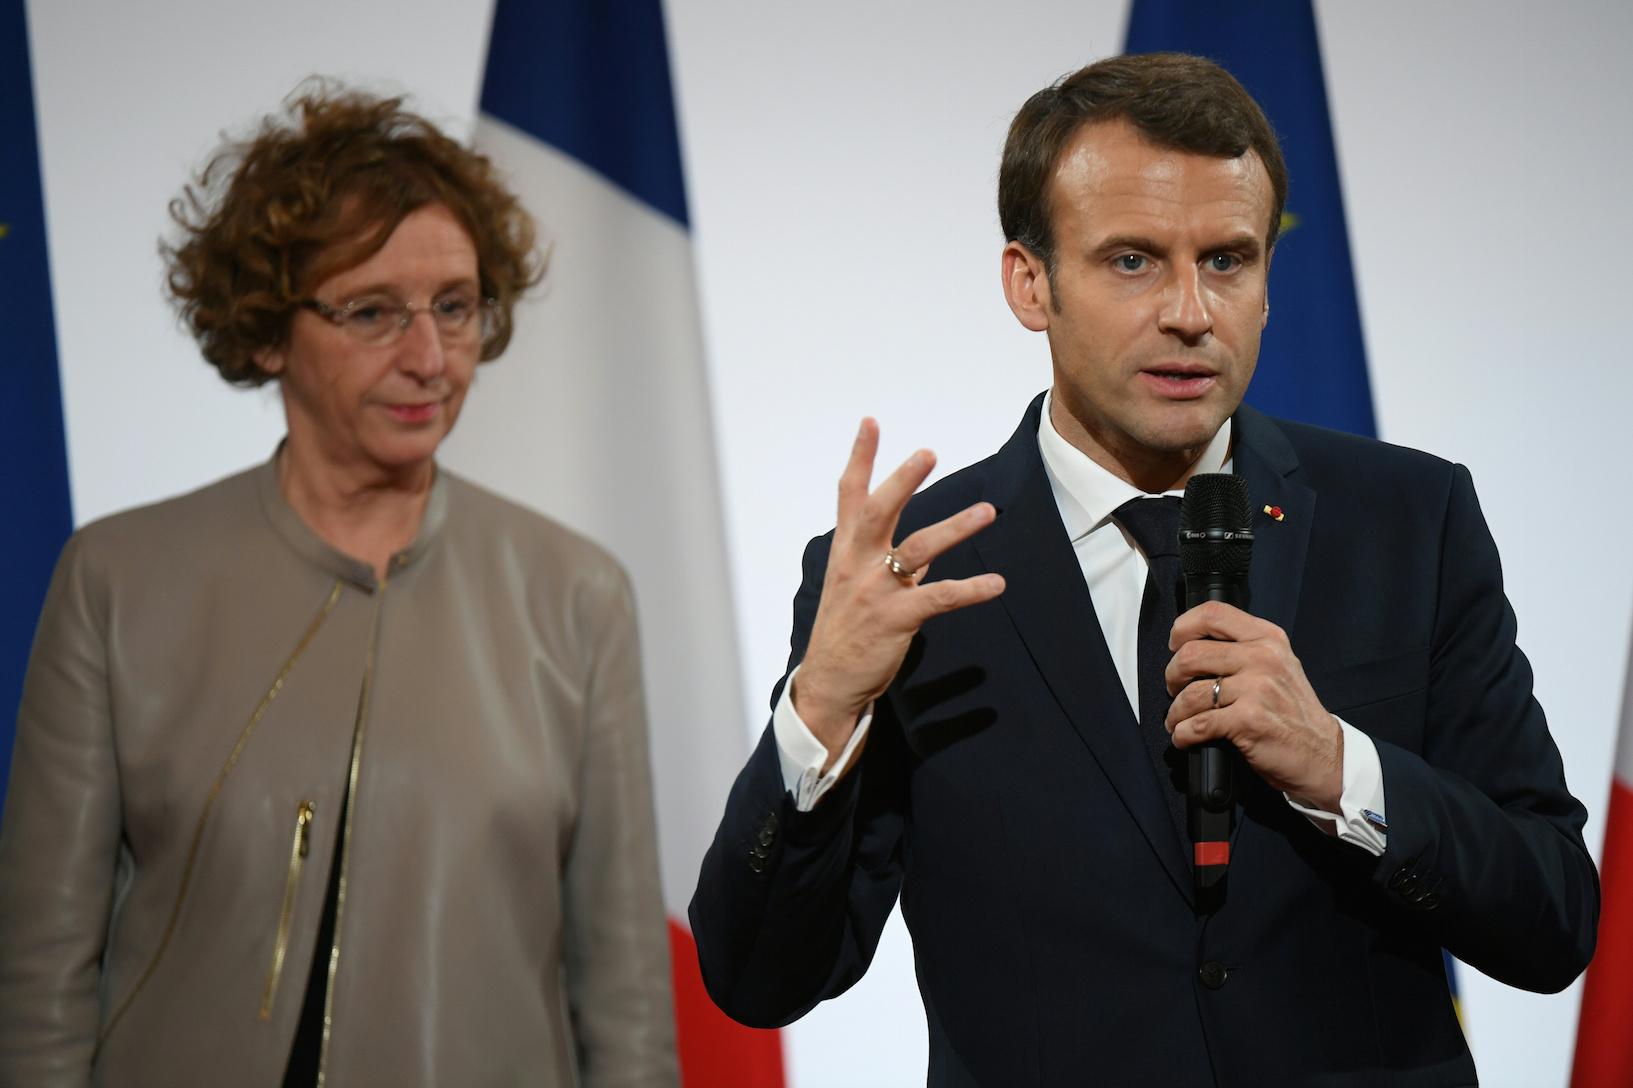 Actionnaires contents de Macron : votre patron peut vous faire travailler 60 h par semaine, dimanche compris